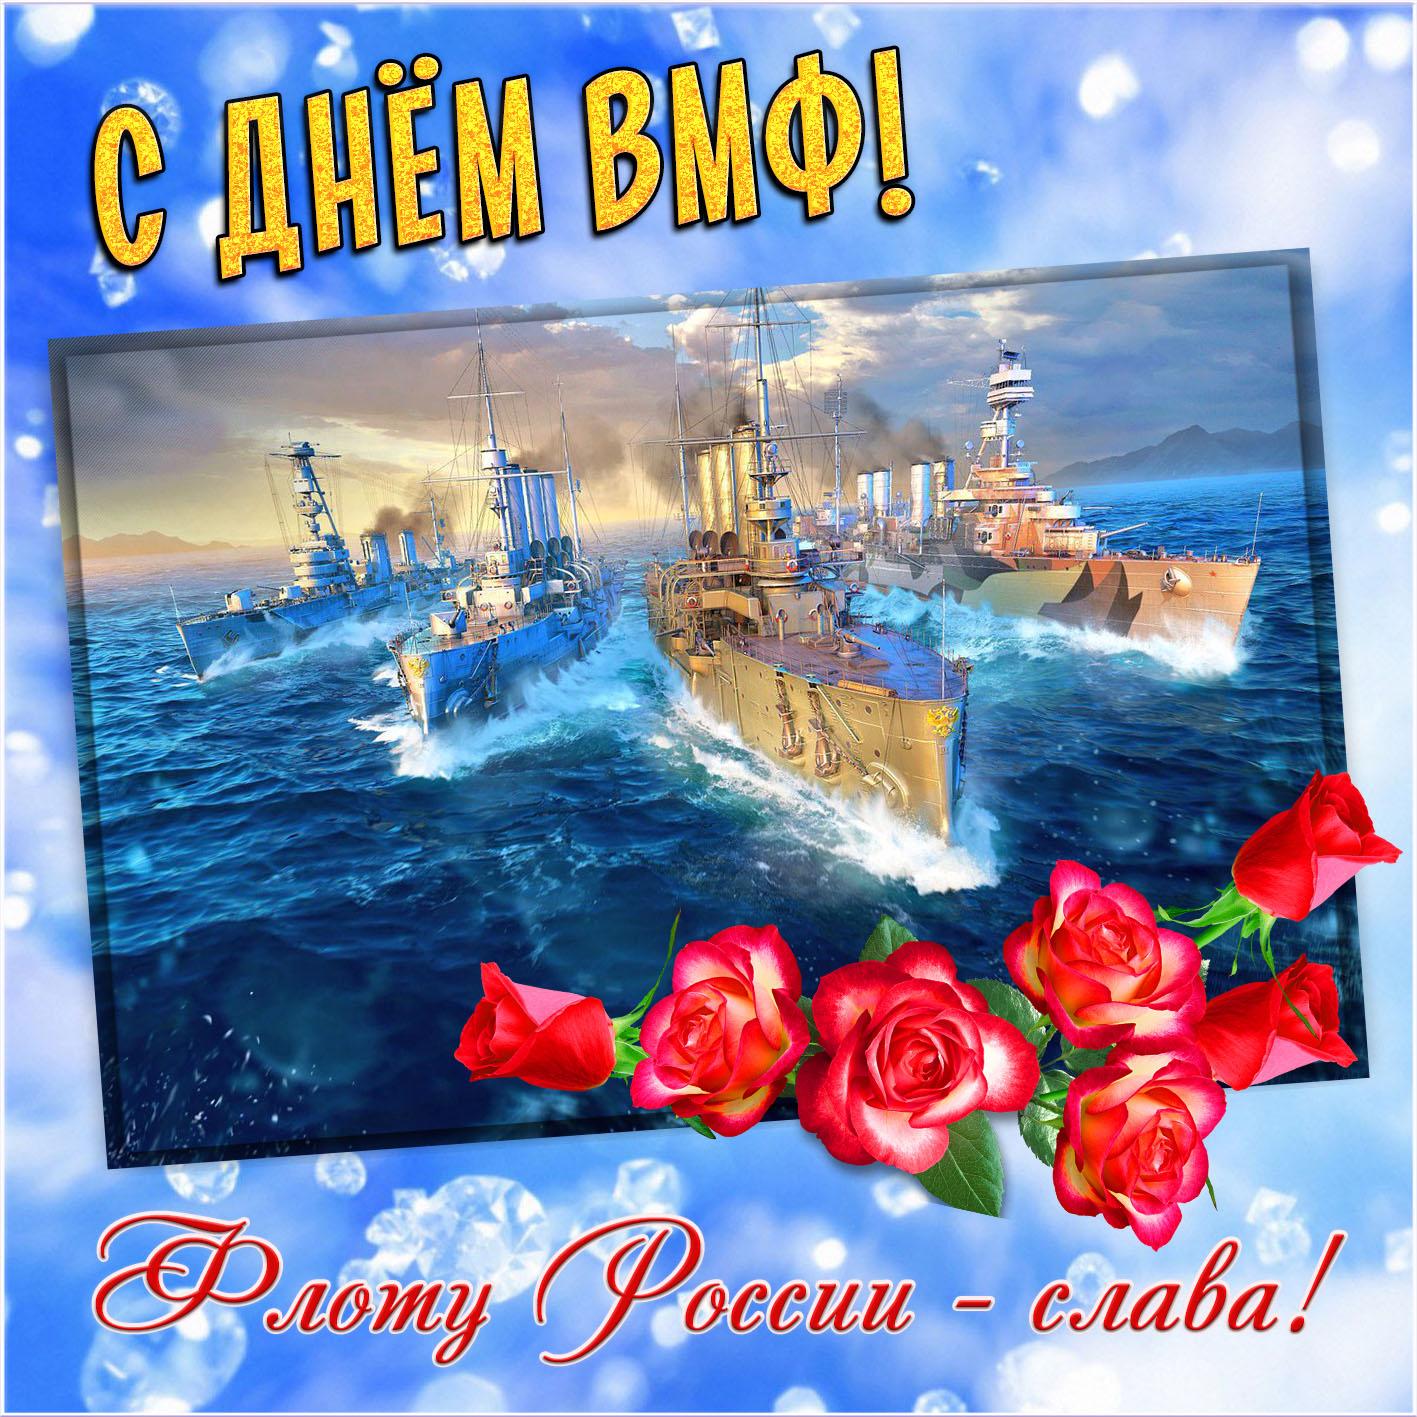 Открытка - цветы на фоне кораблей в море к празднику ВМФ